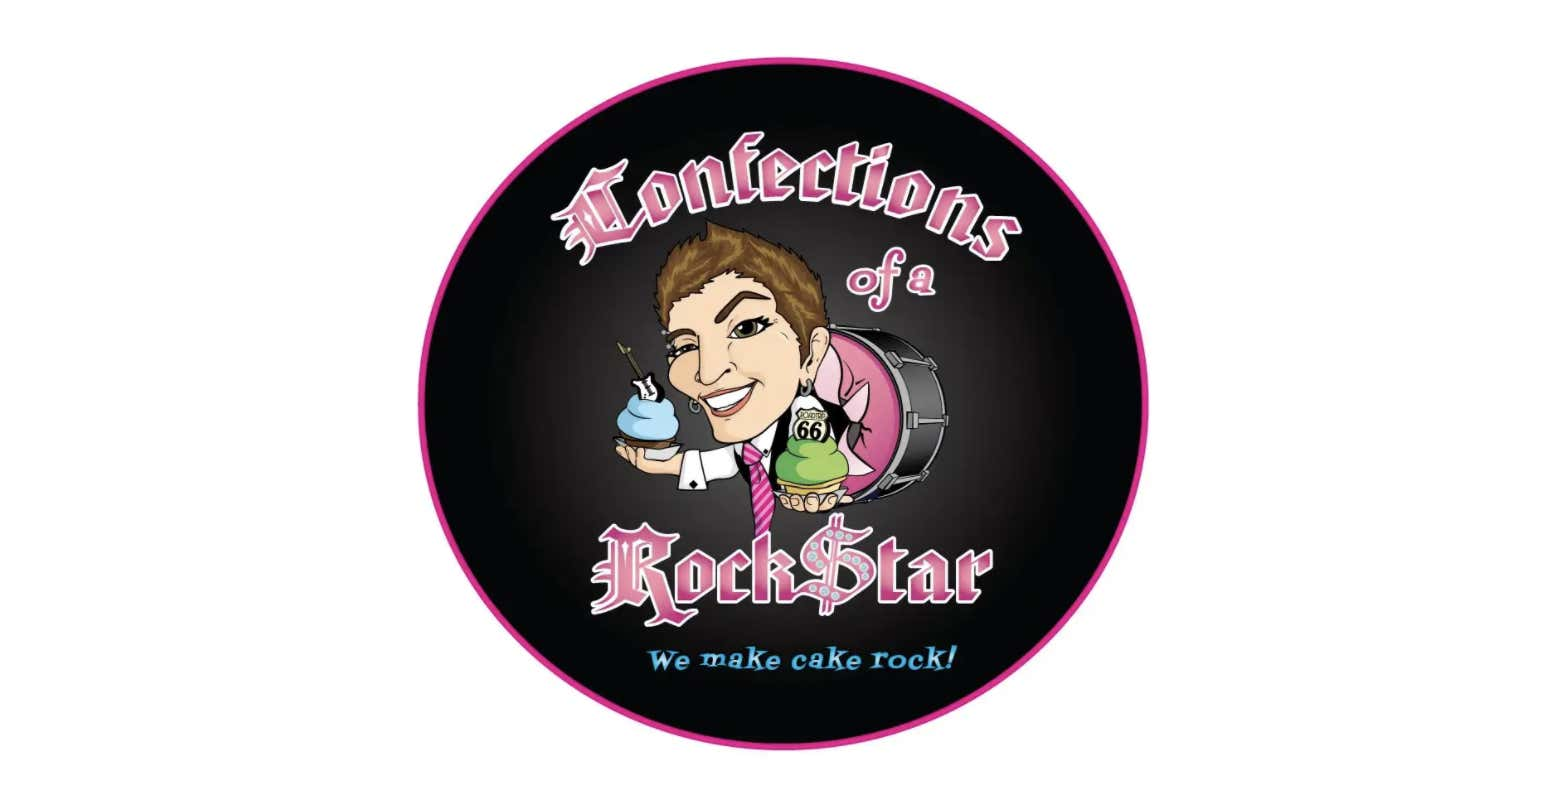 Confections Of A Rock$tar